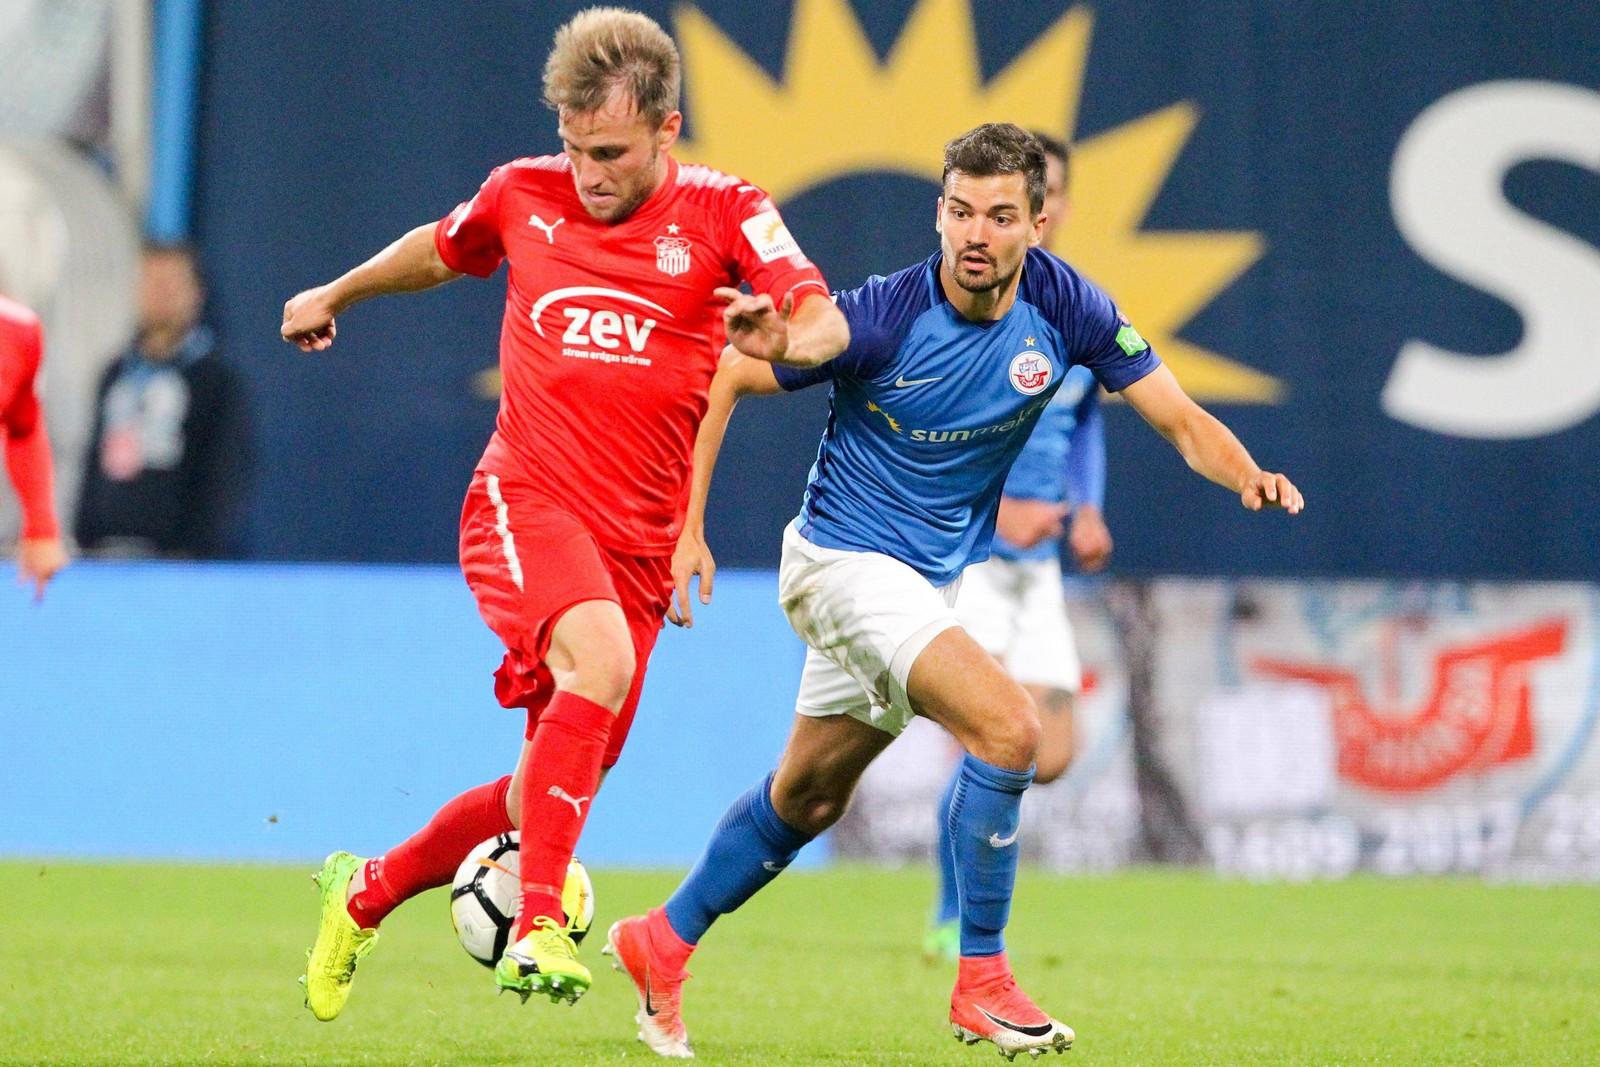 Findet Mike Könnecke gegen Hansa wieder den Weg zum TOr? Jetzt auf Zwickau gegen Rostock wetten!